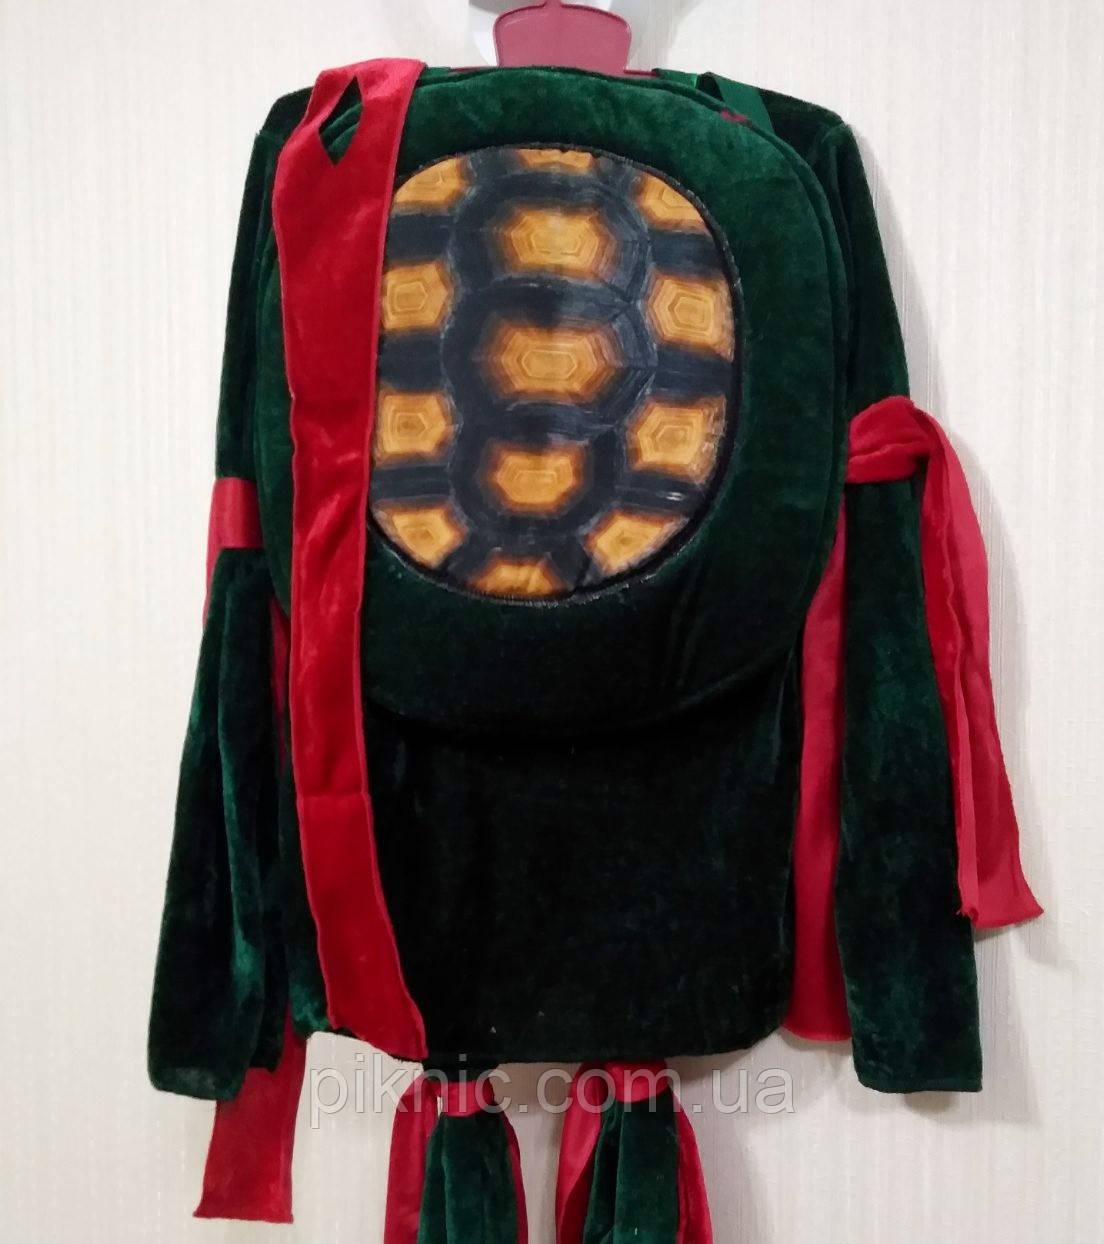 Костюм Ниндзя 7,8,9 лет. Детский новогодний костюм для мальчиков Черепашка Ниндзя 128 134 140см 344